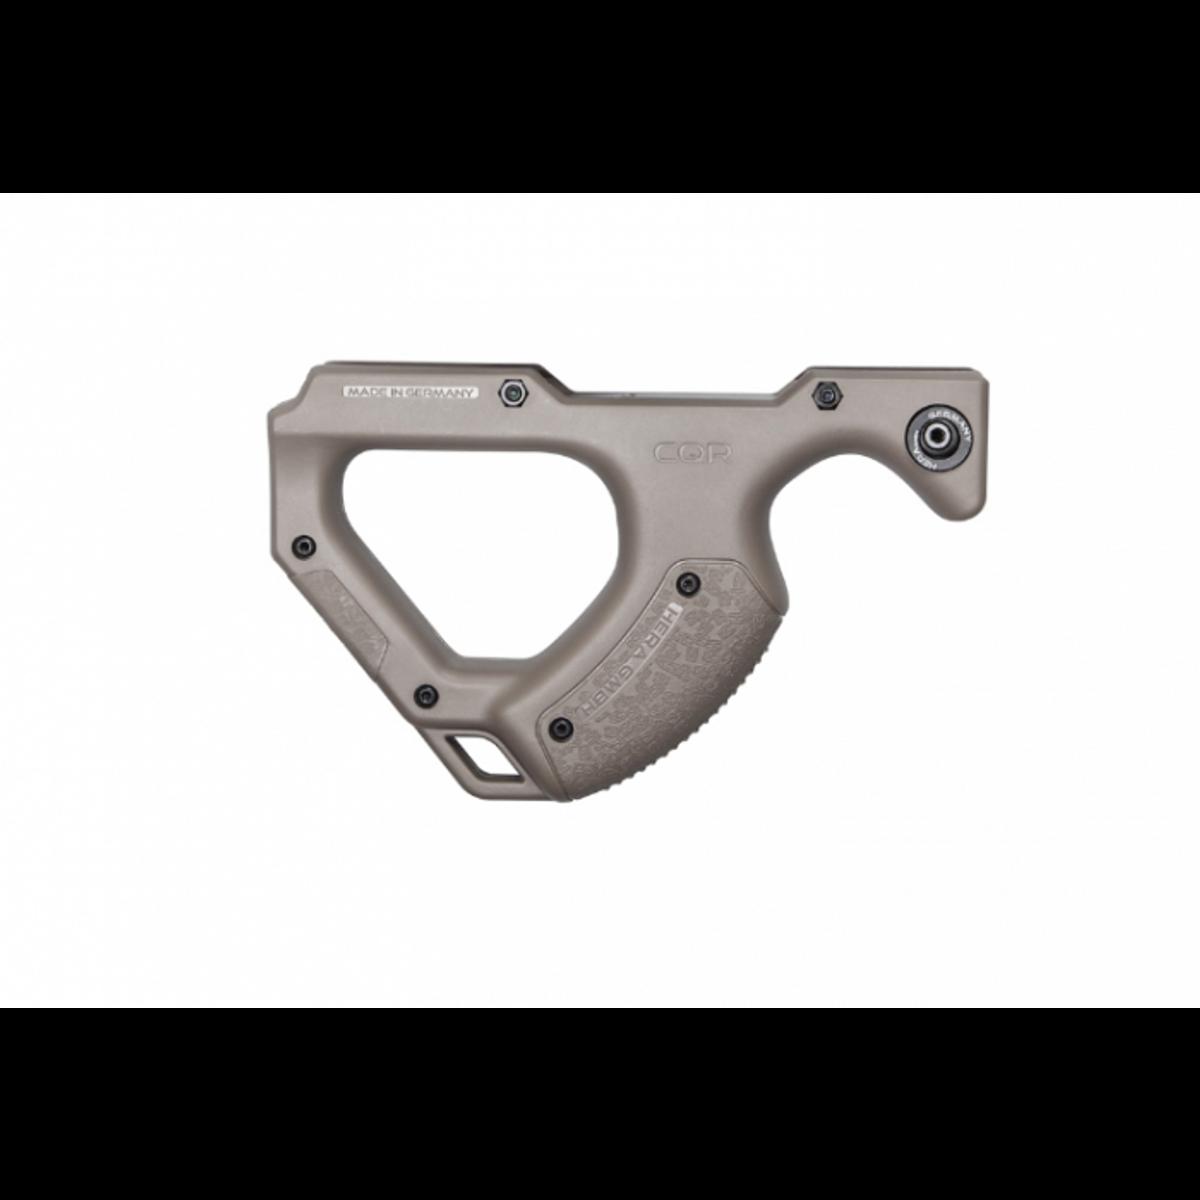 Hera Arms - CQR Front Grip - Tan